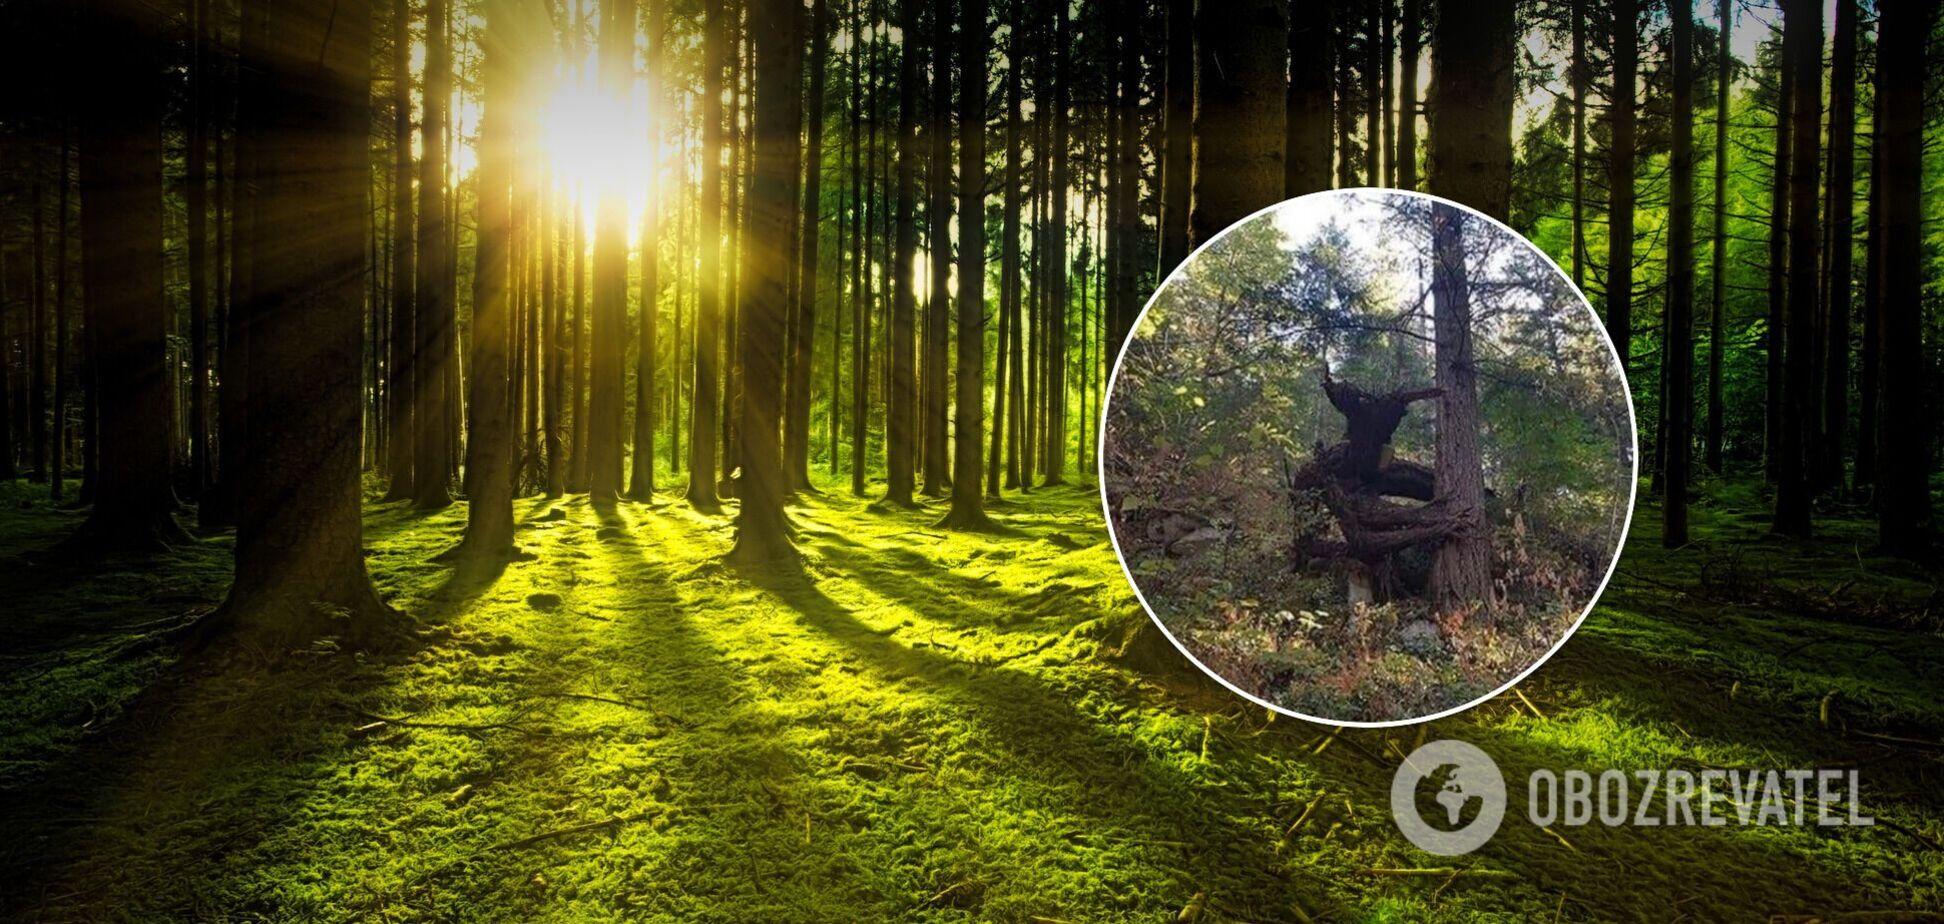 Пользователи назвали дерево 'жутким'